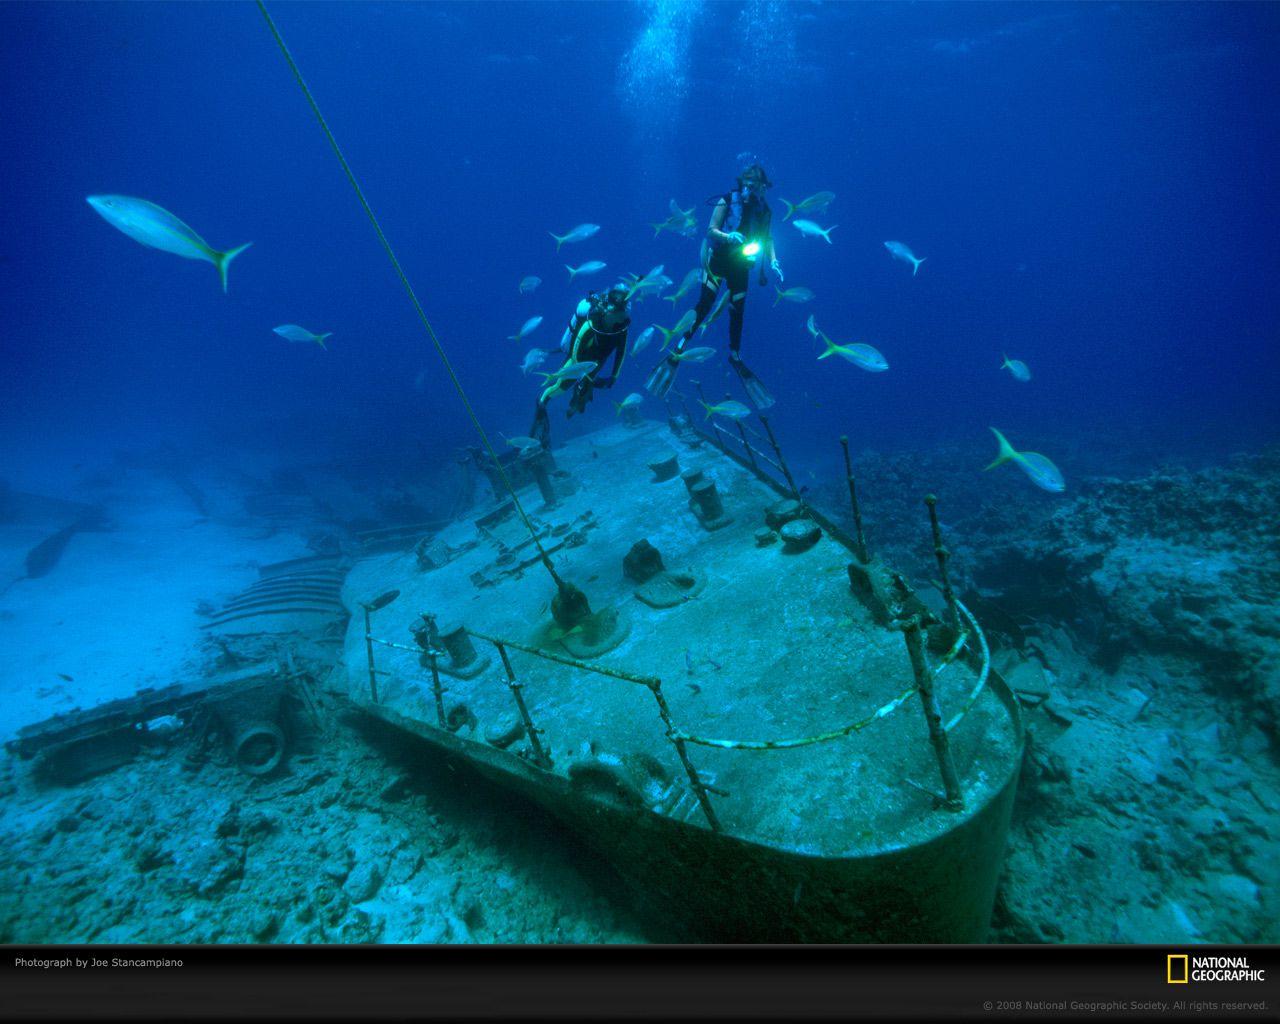 Это действительно очень необычно - дайвинг среди затонувших .